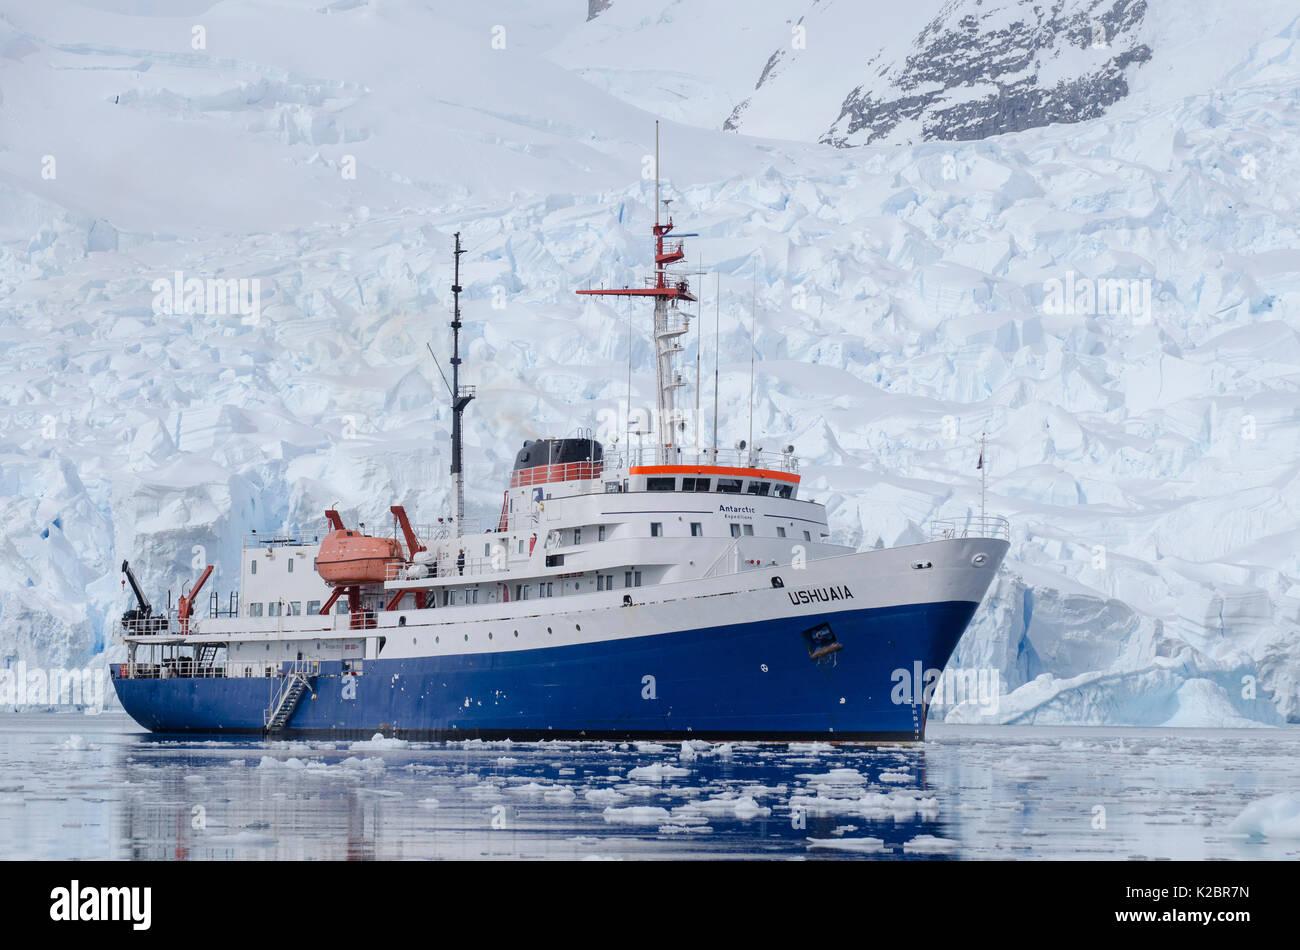 """"""" Ushuaia' Expedition nave, l'Antartide. Novembre 2011. Tutti i non-usi editoriali deve essere eliminato singolarmente. Immagini Stock"""